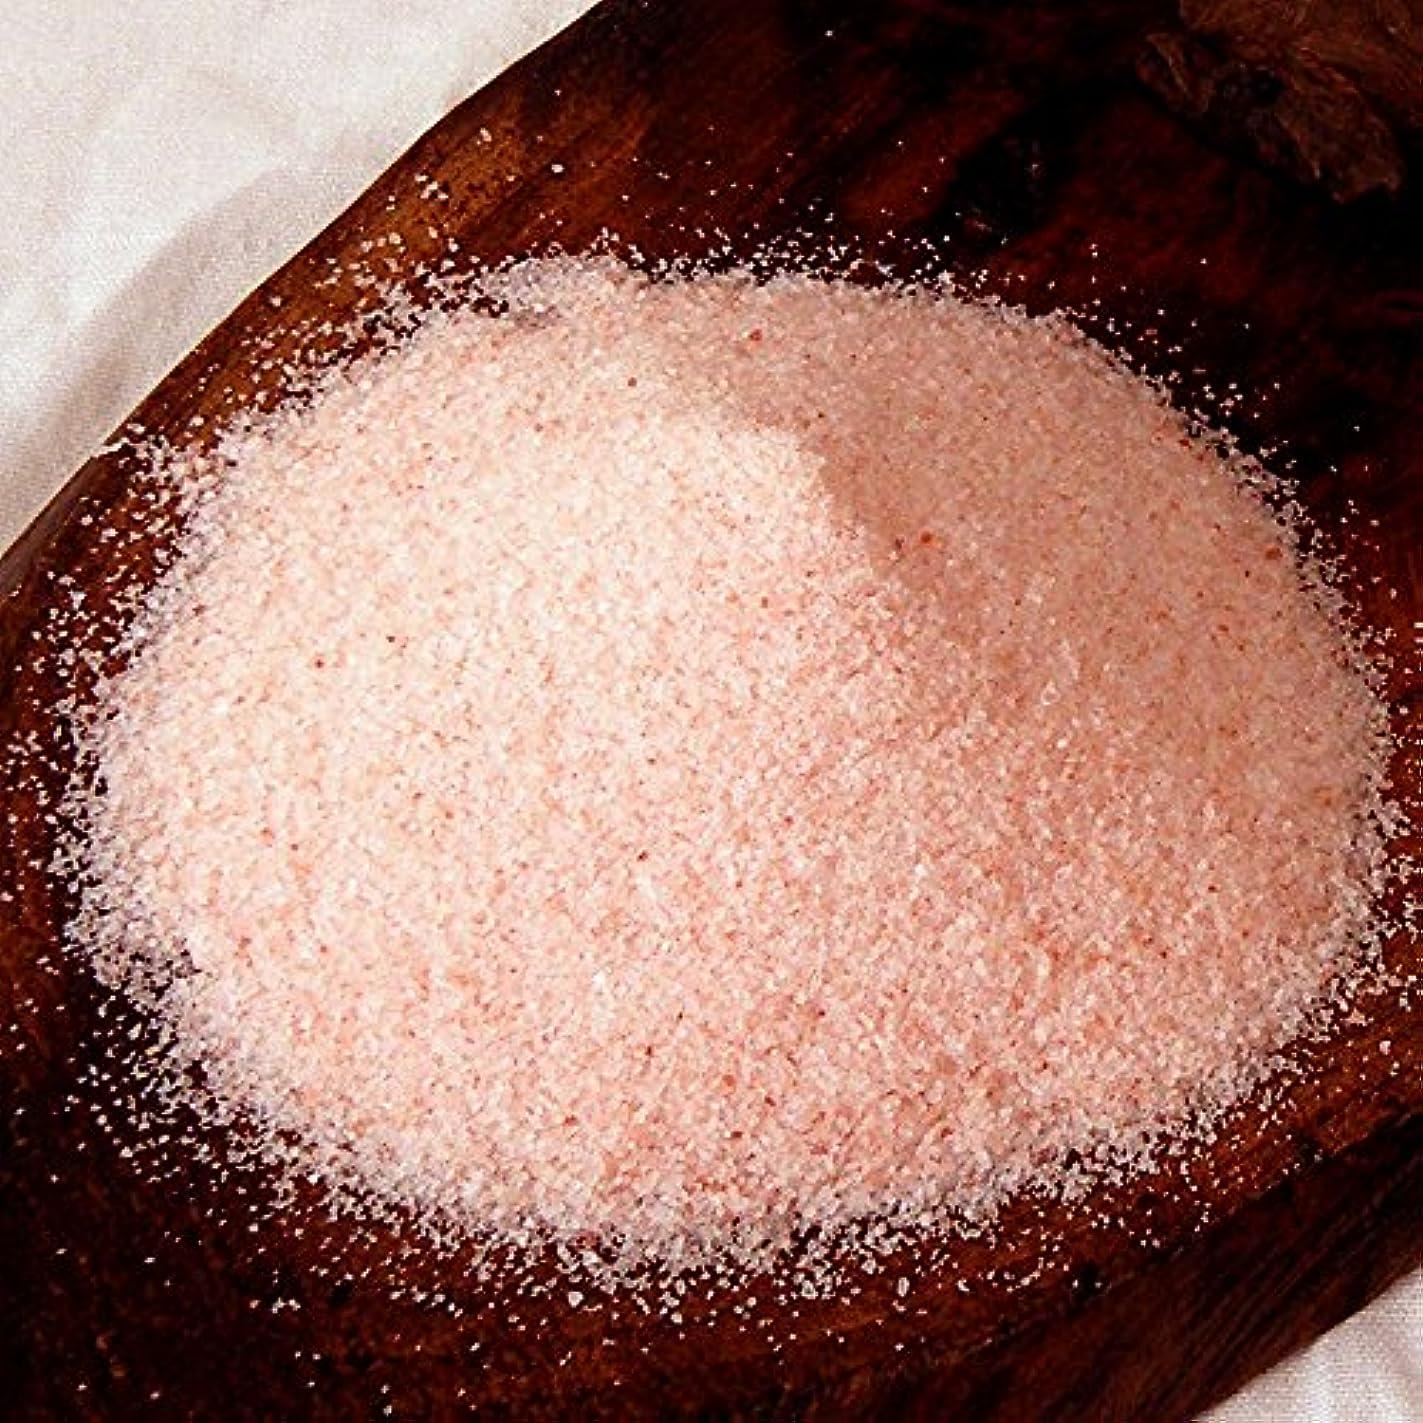 動員する古風なプロテスタントヒマラヤ岩塩 バスソルト ローズソルト 溶けやすい細粒タイプ お試し1kg (ソルト内容量970g)